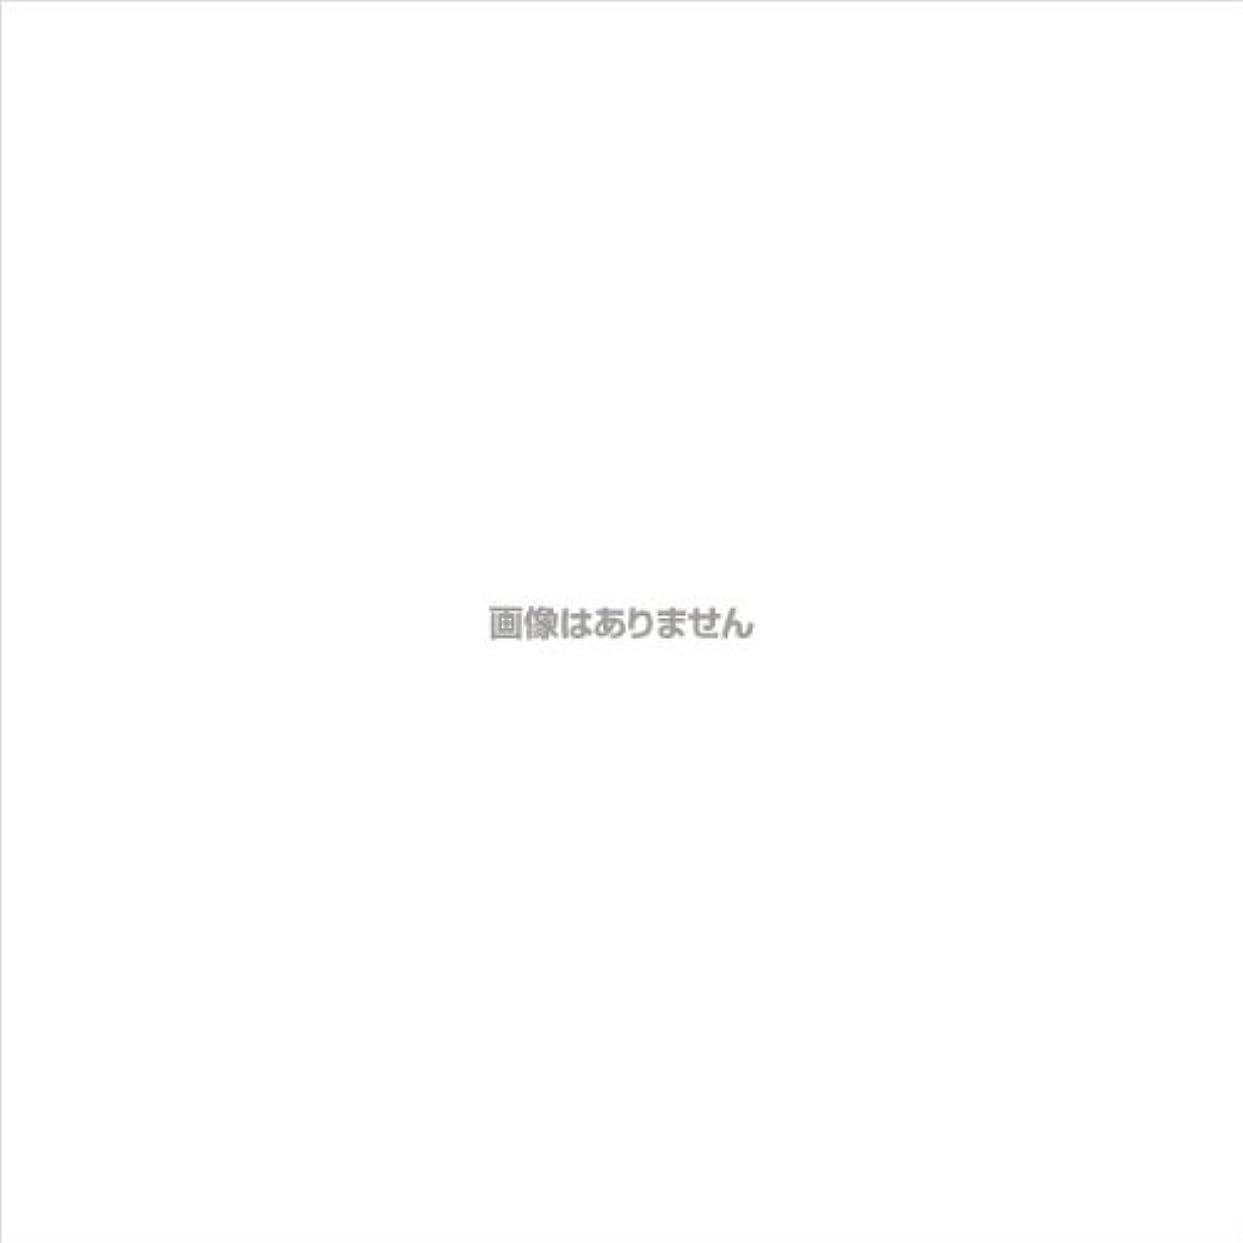 クアッガトーナメント特にエブケアプラスチックグローブ粉付 箱入 / 1002 100枚 L ケース(30小箱入)